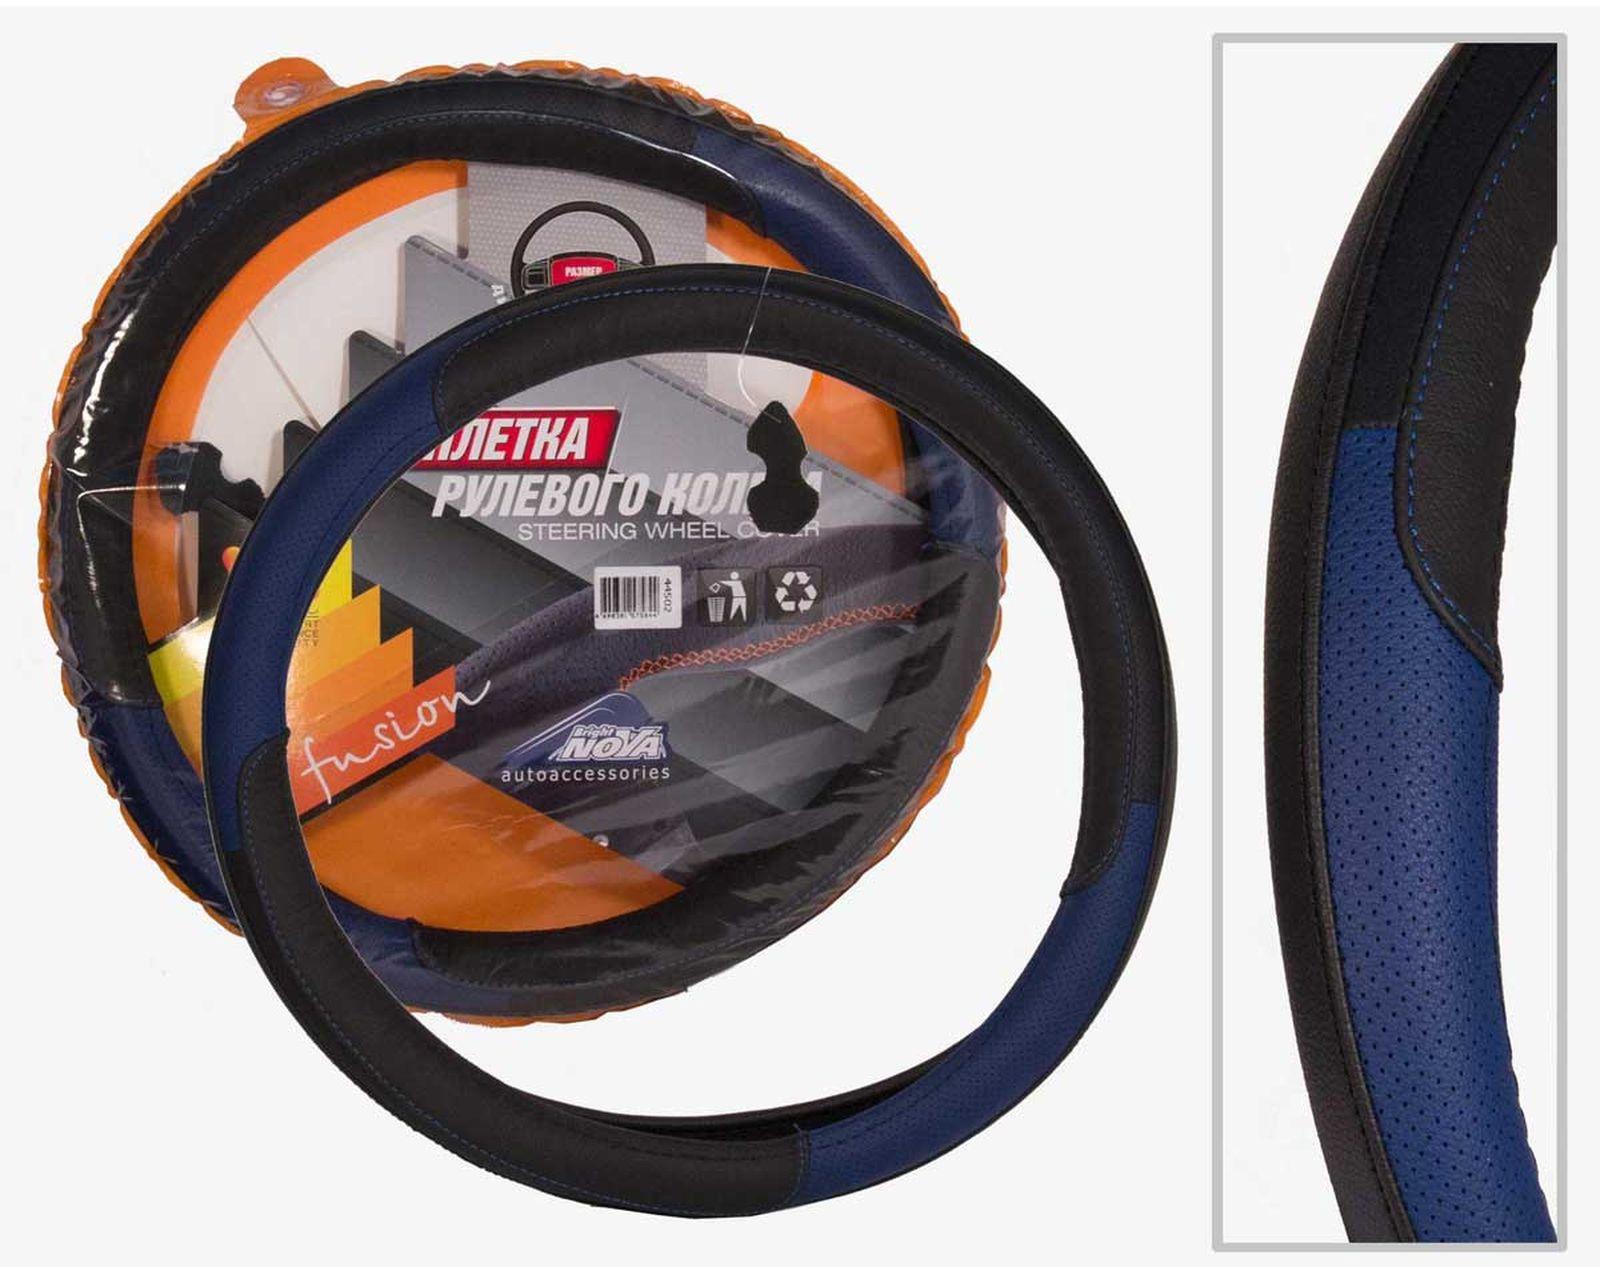 Оплетка для руля Nova Bright-fusion, перфорированная, размер M, черный, синий